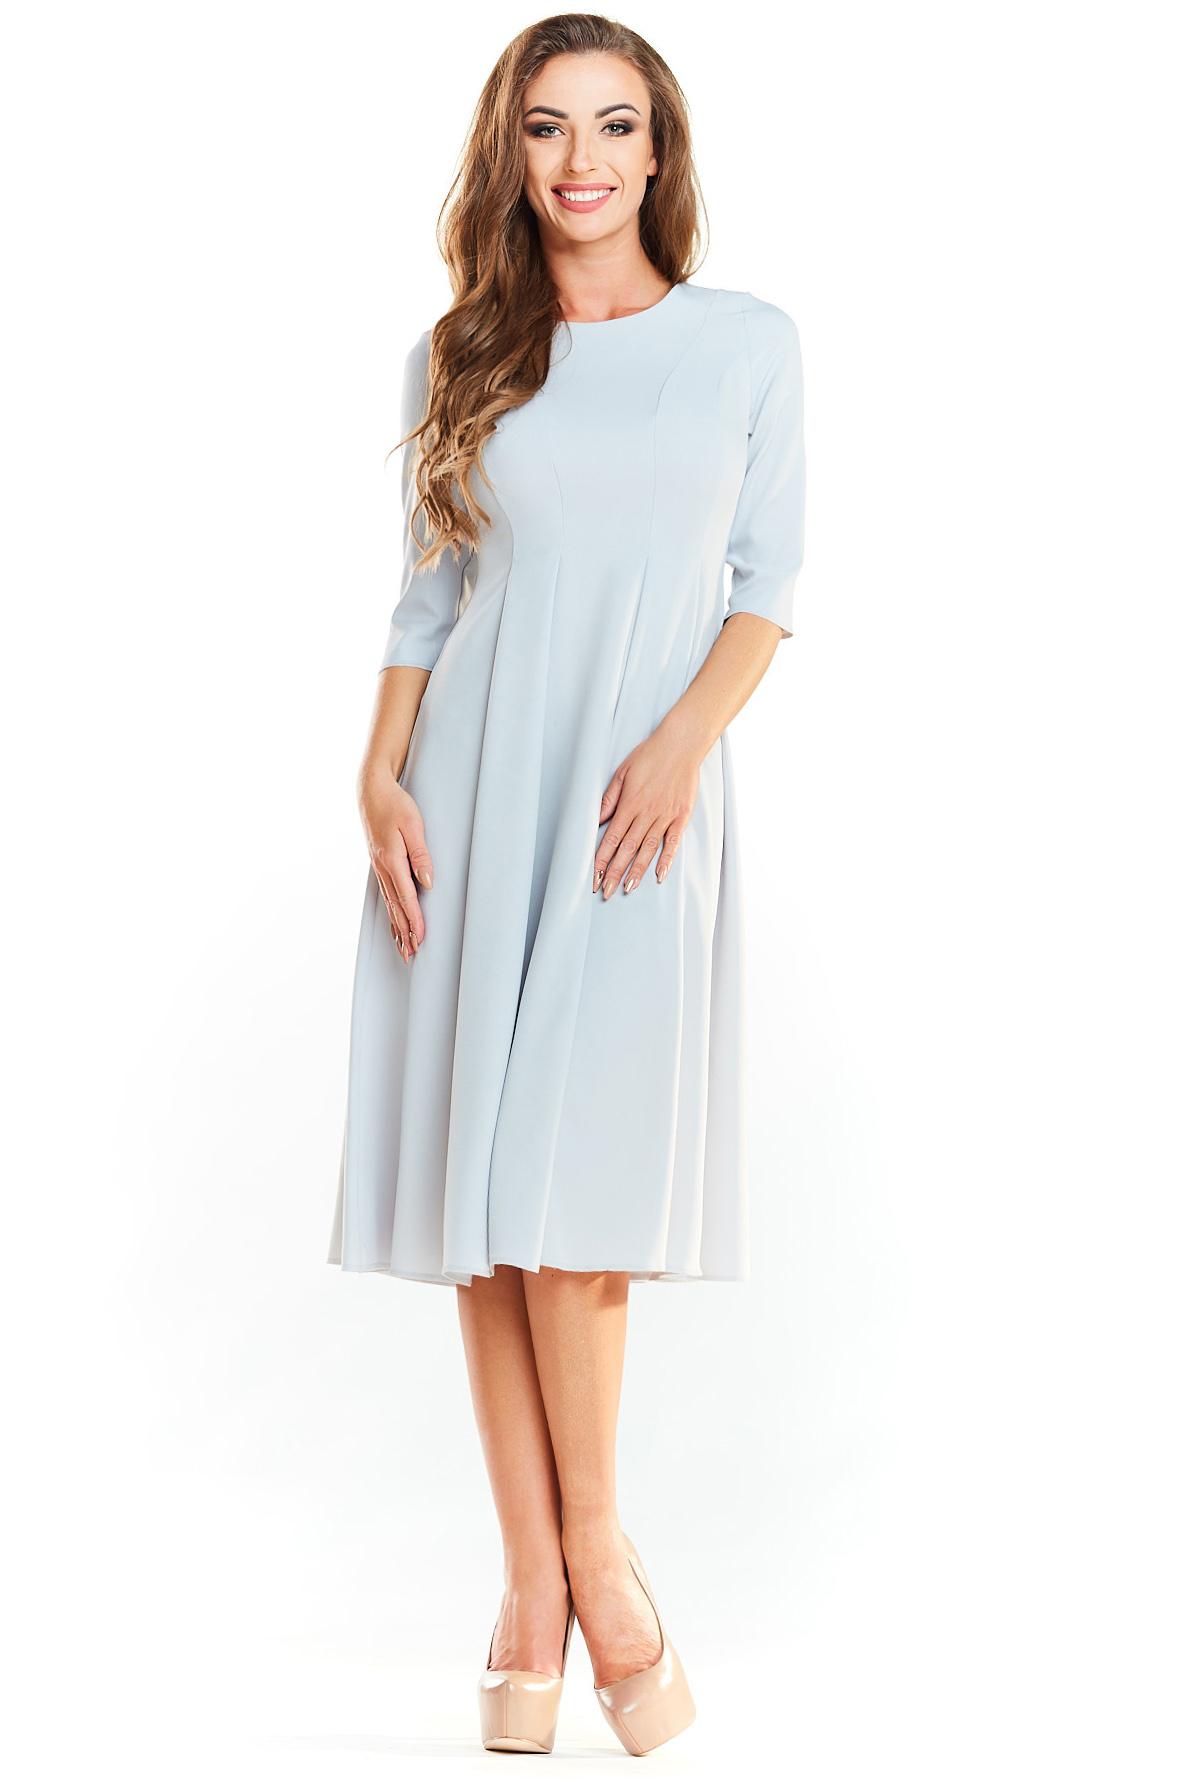 CM4040 Rozkloszowana sukienka midi z rękawem 1/2 - szara